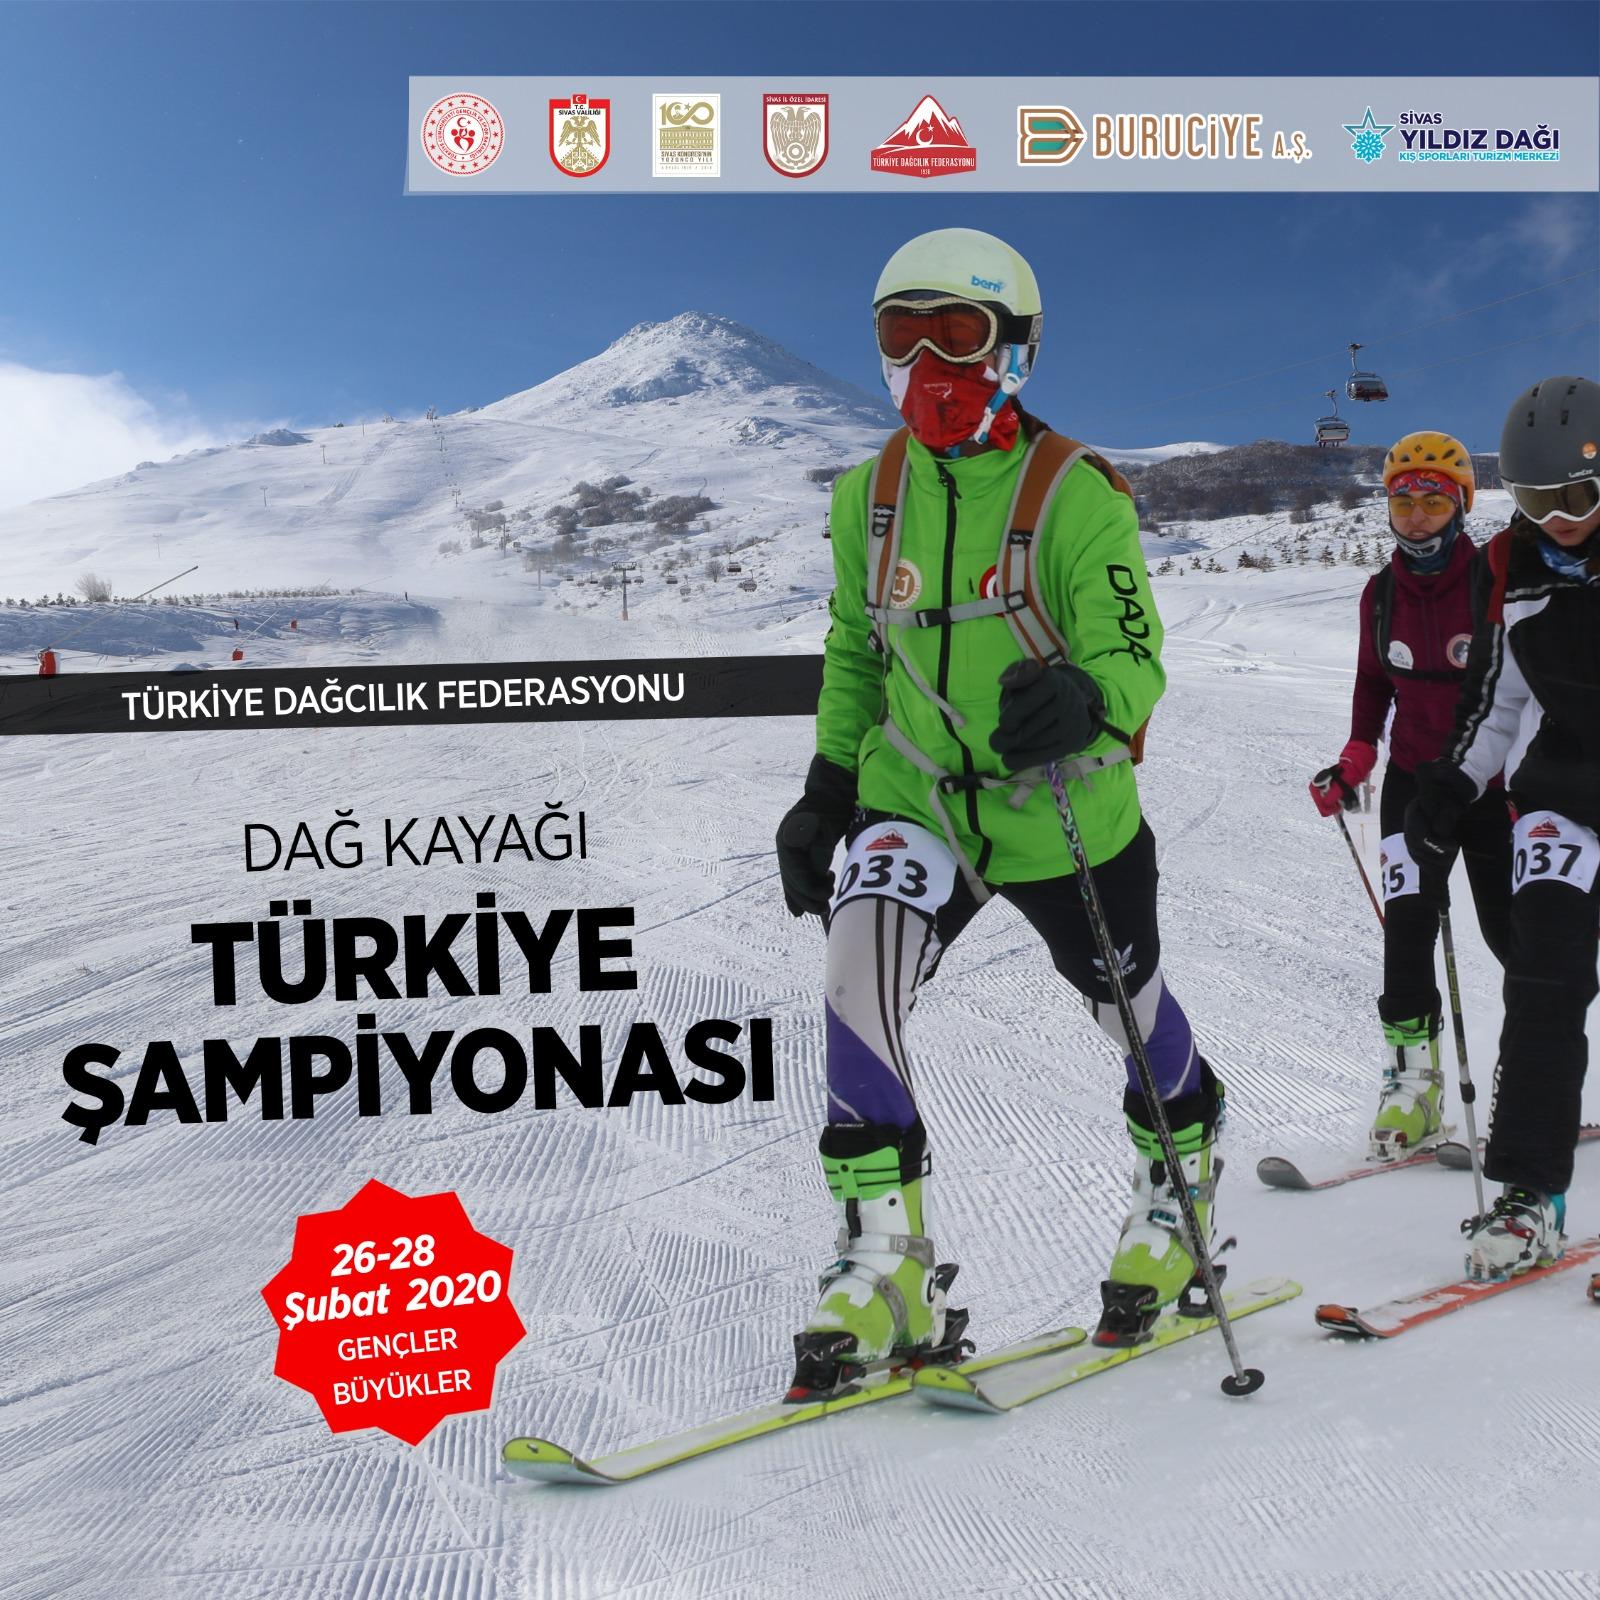 Dağ Kayağı Gençler-Büyükler Türkiye Şampiyonası – Sivas Katılımcı Listesi